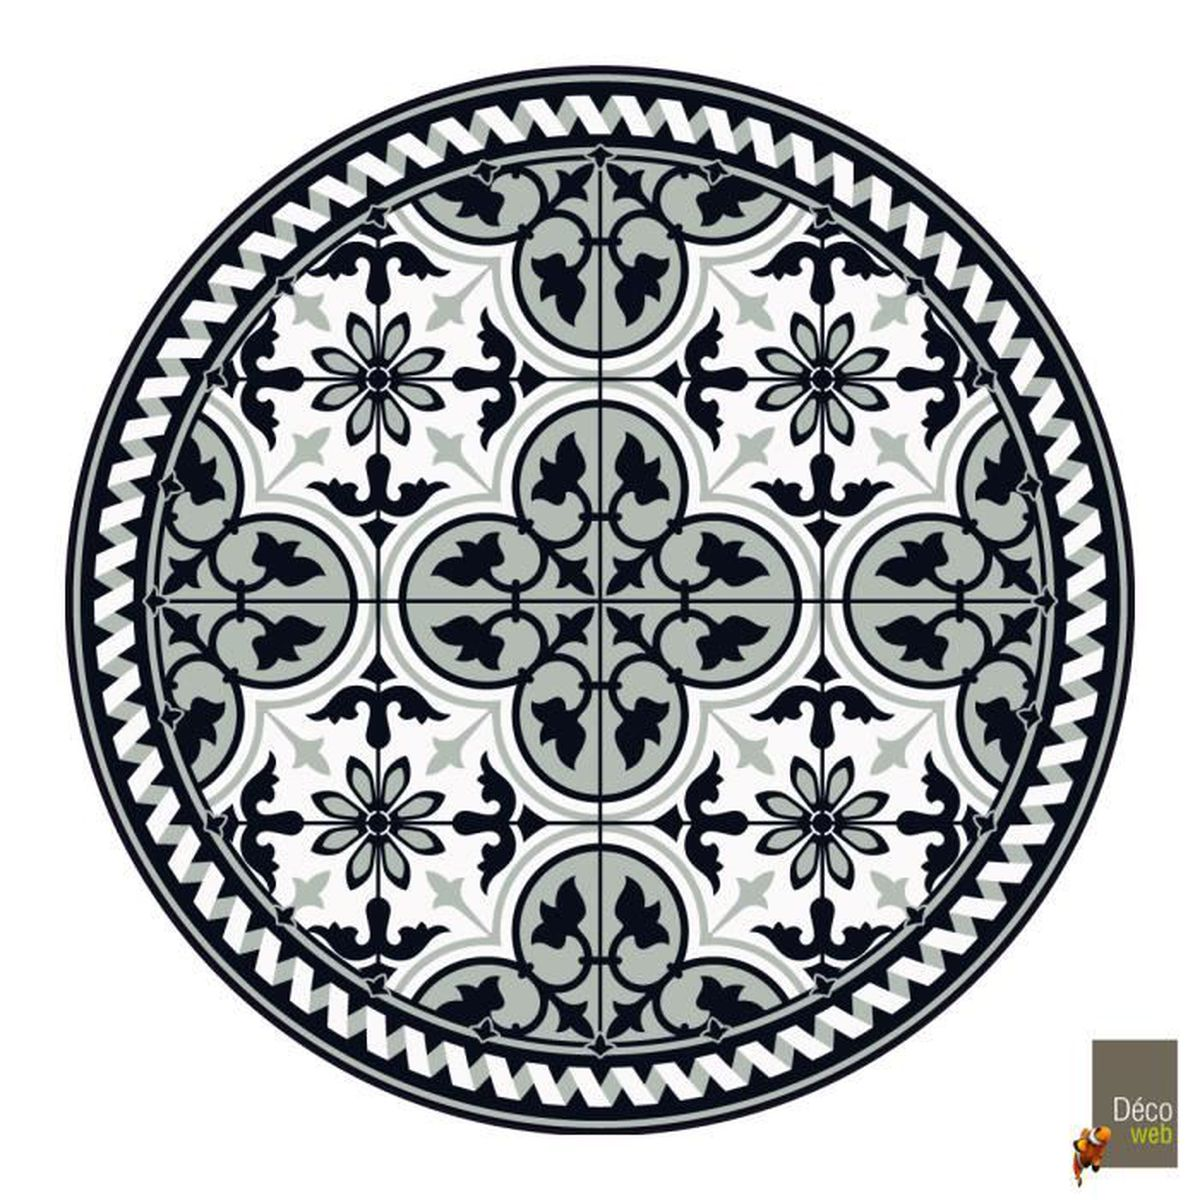 Tapis Imitation Carreaux De Ciment Vinyle tapis rond vinyle carreaux de ciment - noémie - noir et